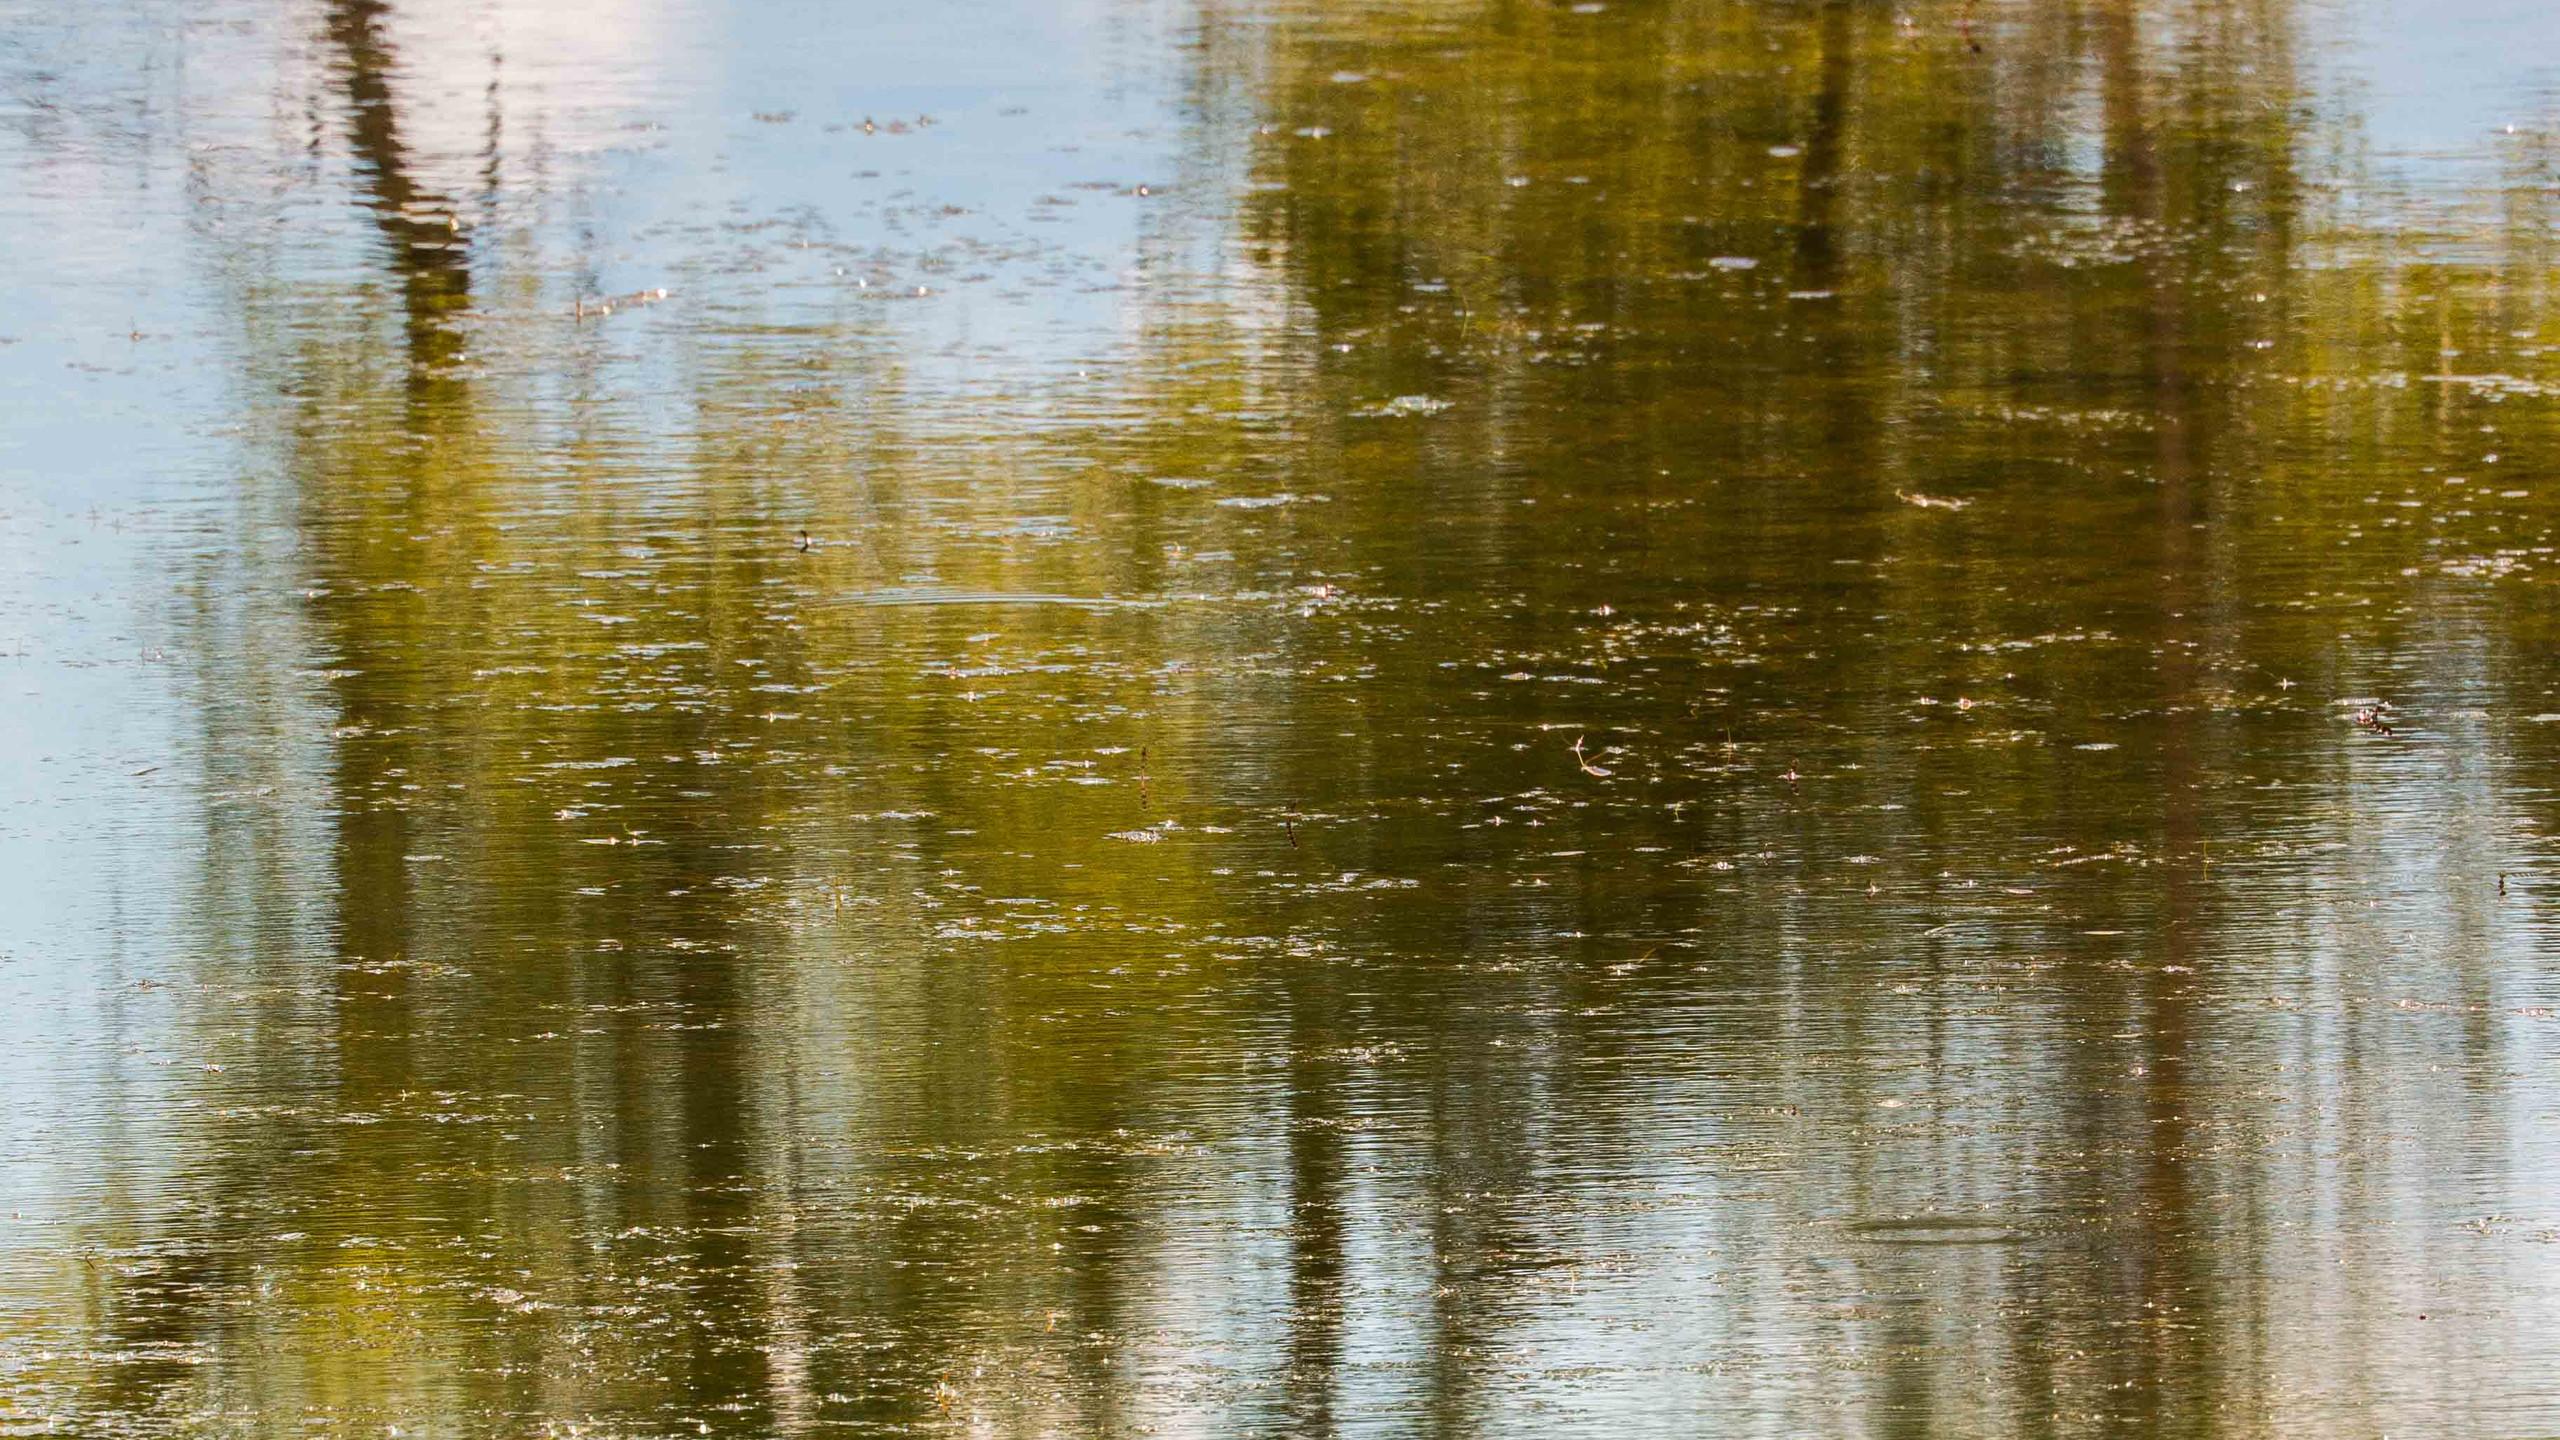 Reflection on Heningers Reservoir